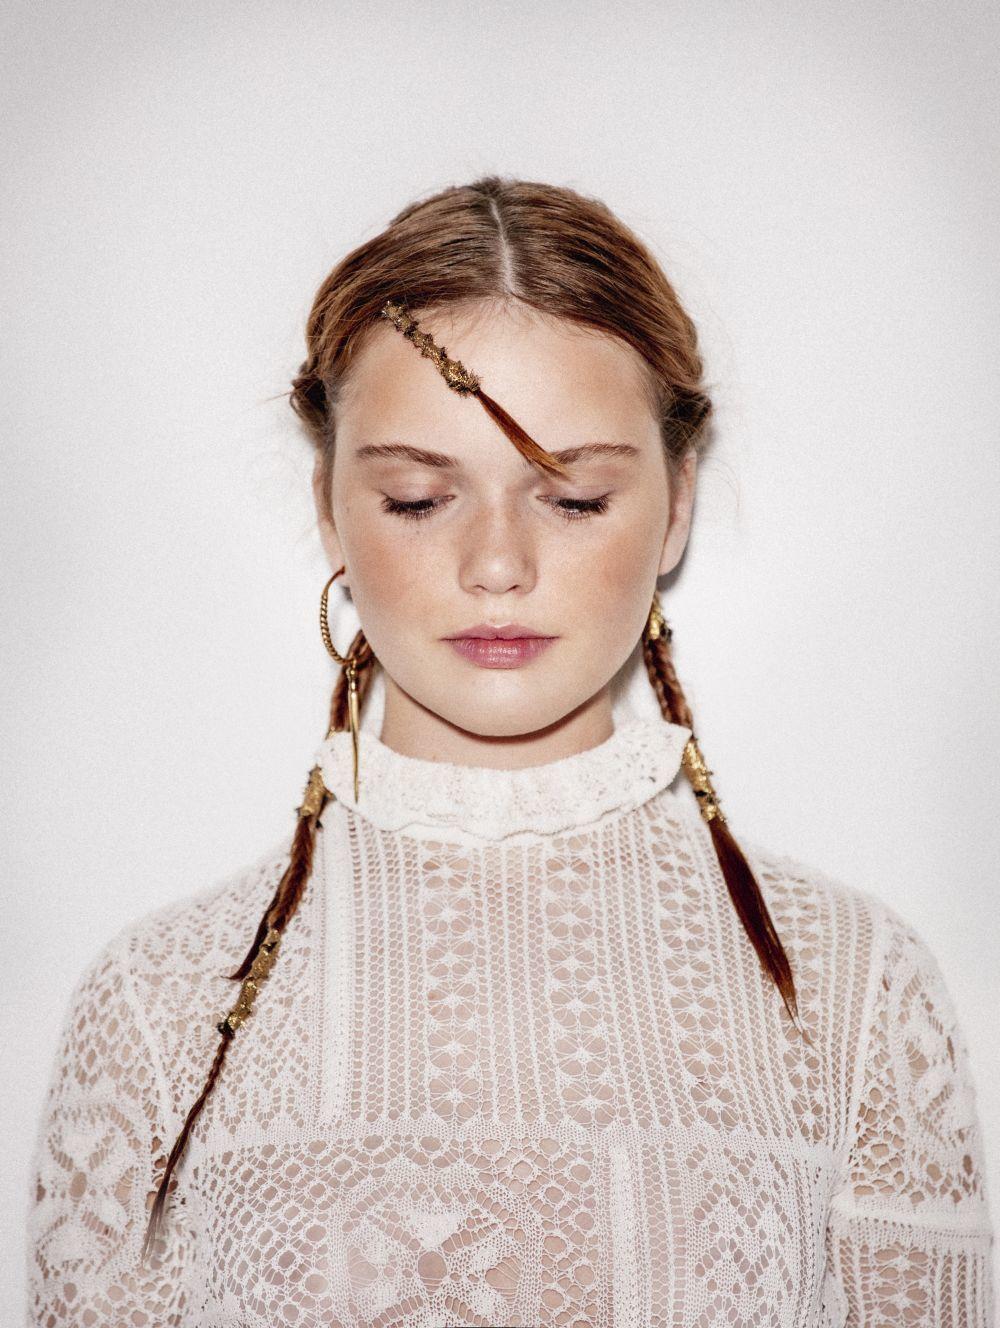 Hacerte trenzas sobre tu pelo húmedo es una buena manera de crear un rizo si las dejas unas horas y luego las sueltas.